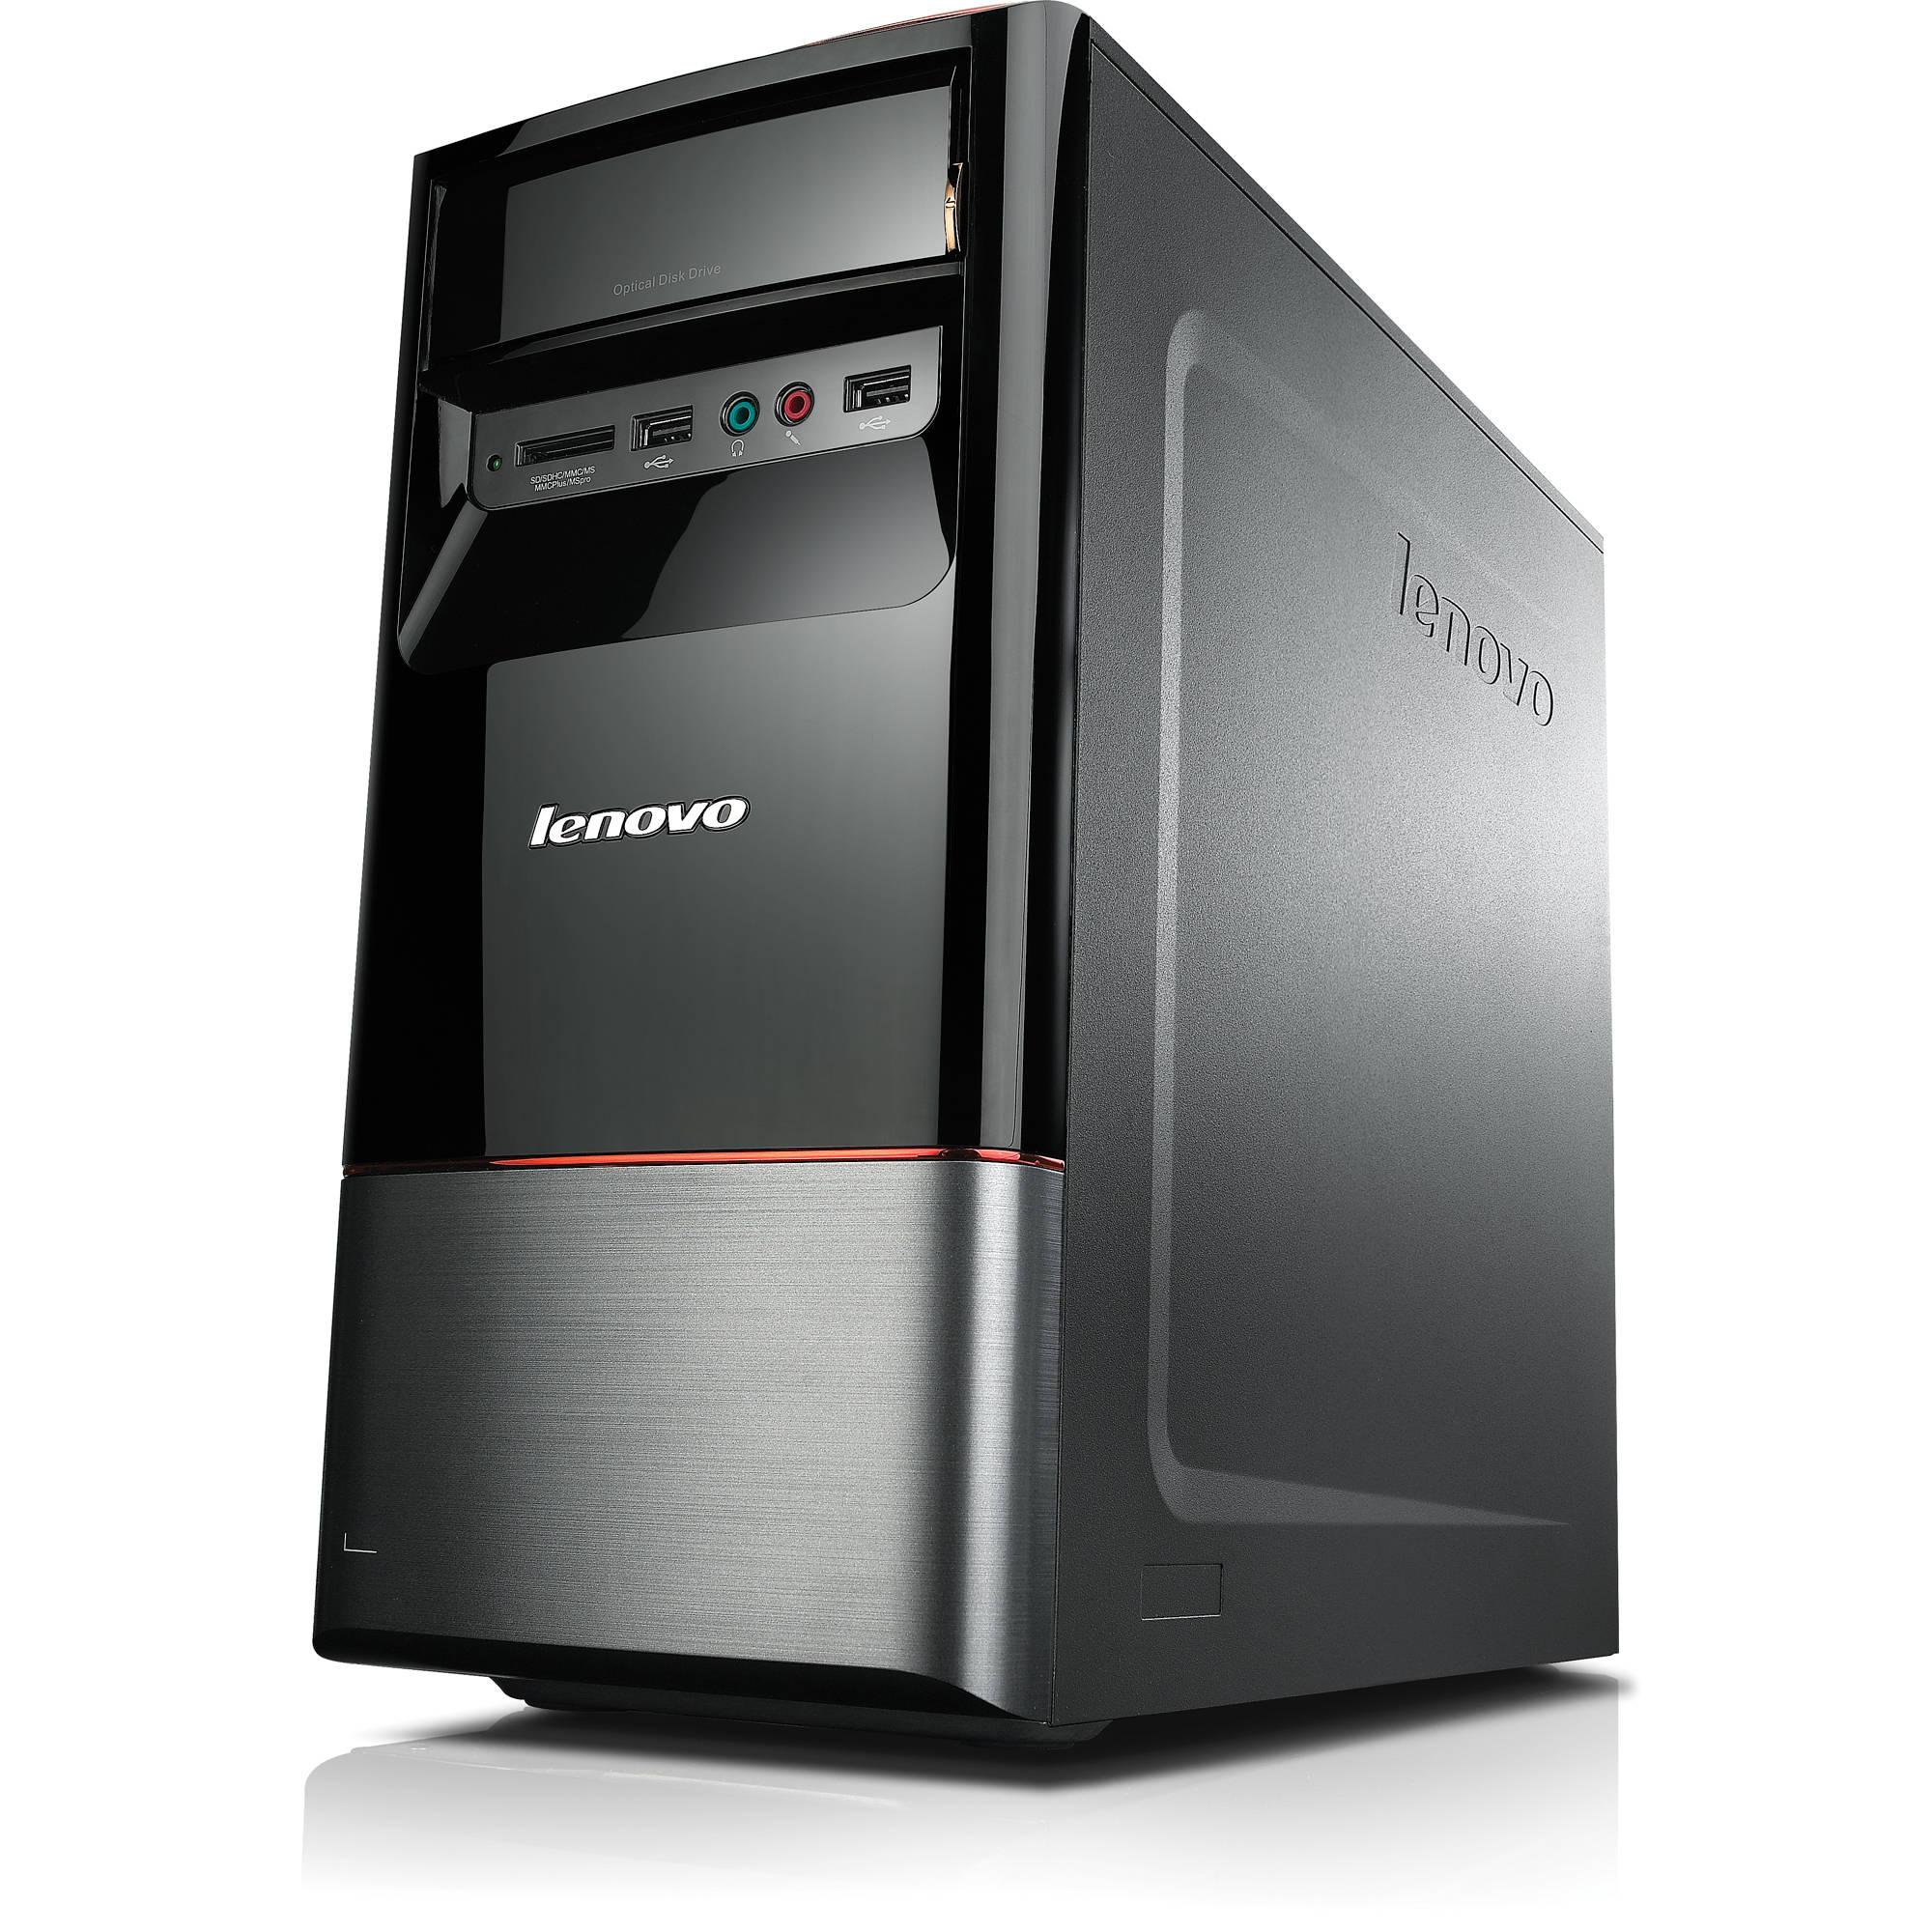 Lenovo IdeaCentre H430 2558-1CU Desktop Computer